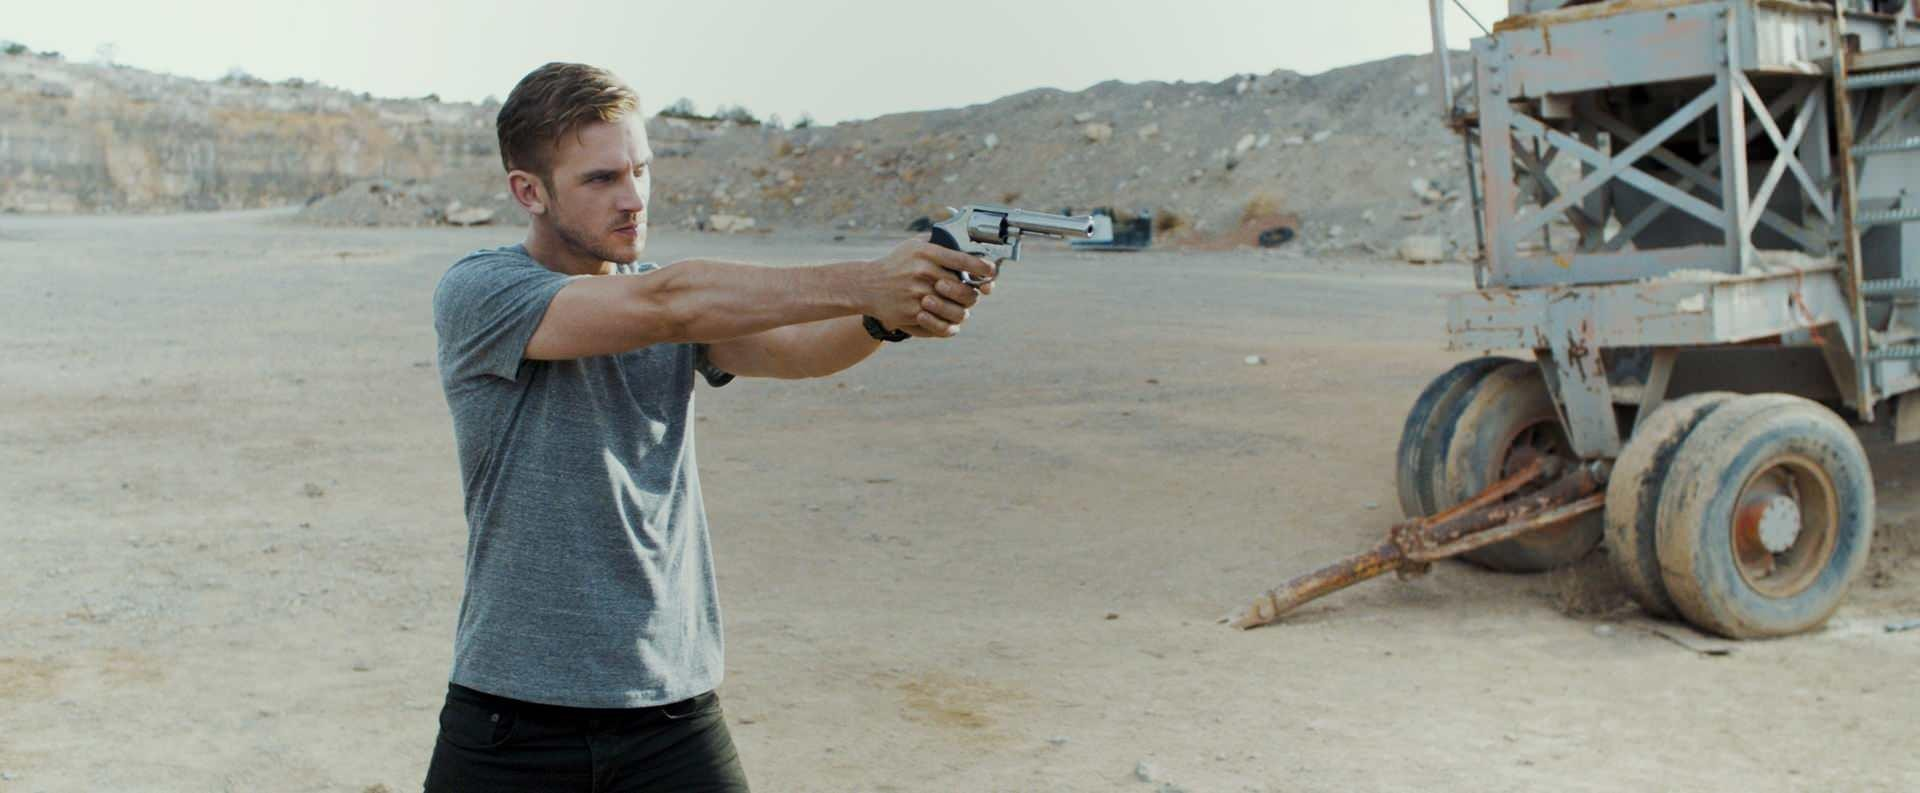 September Film Releases 2014   A Bloke's Blog